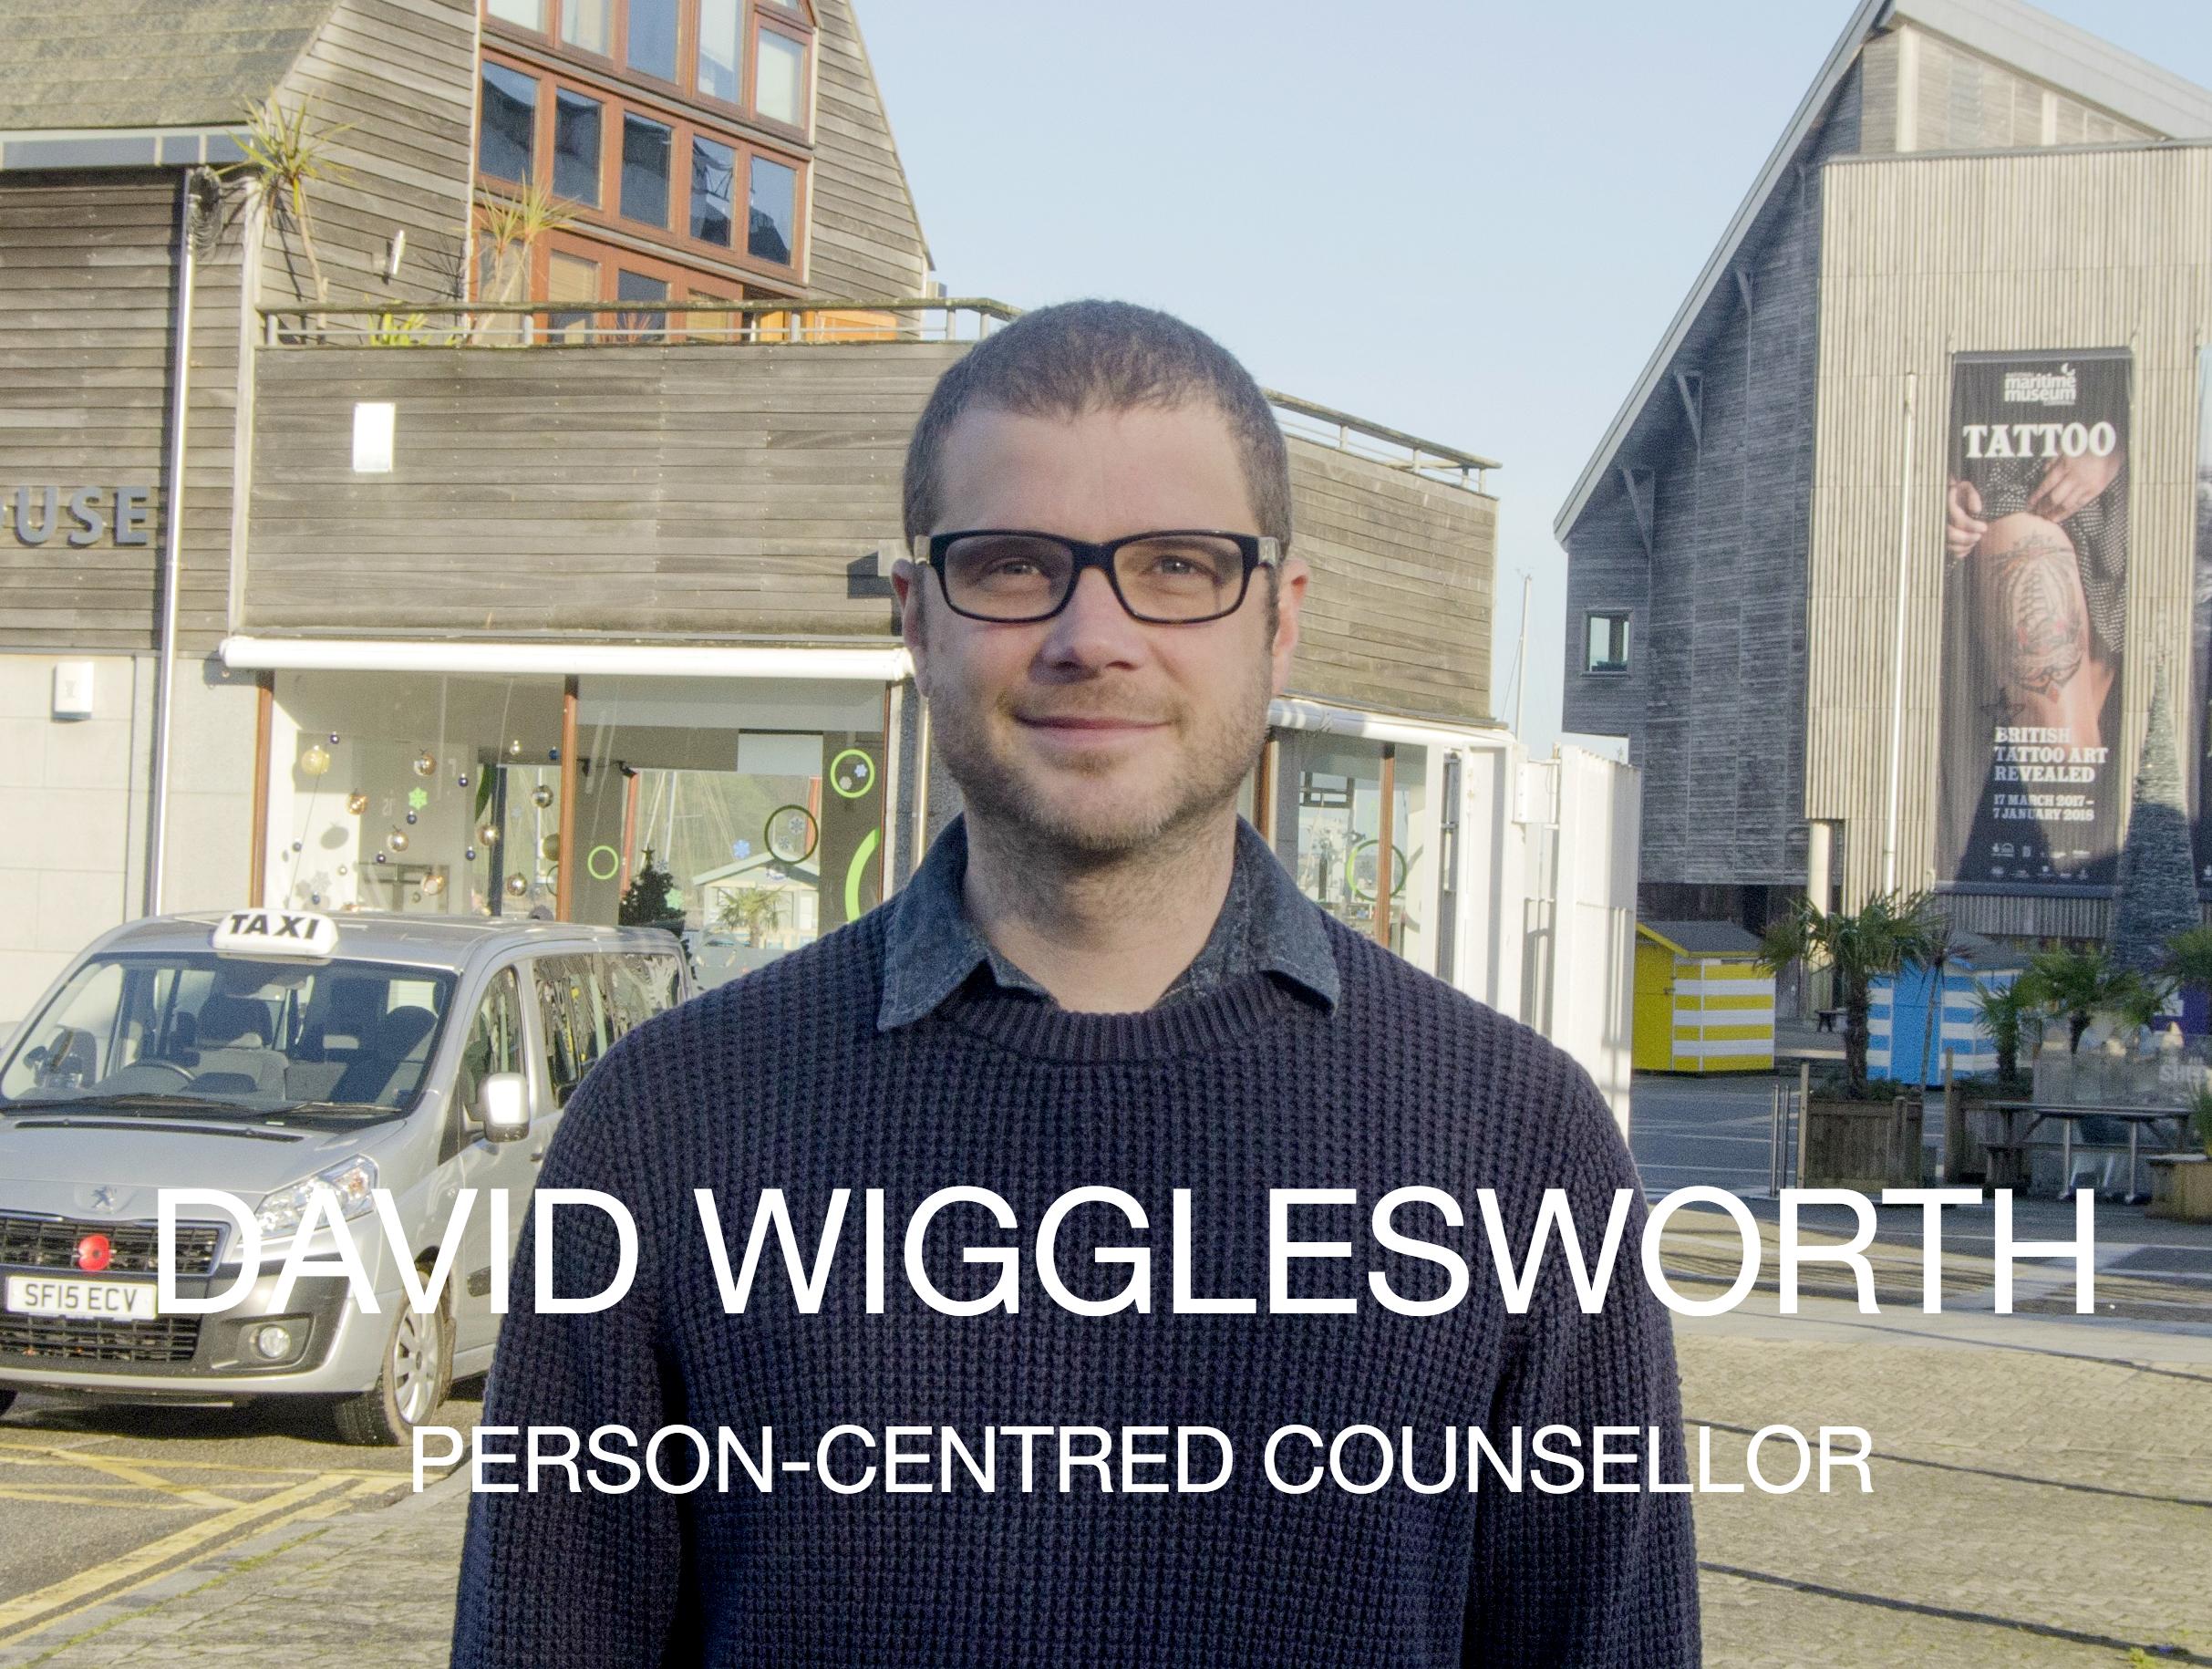 David wigglesworth